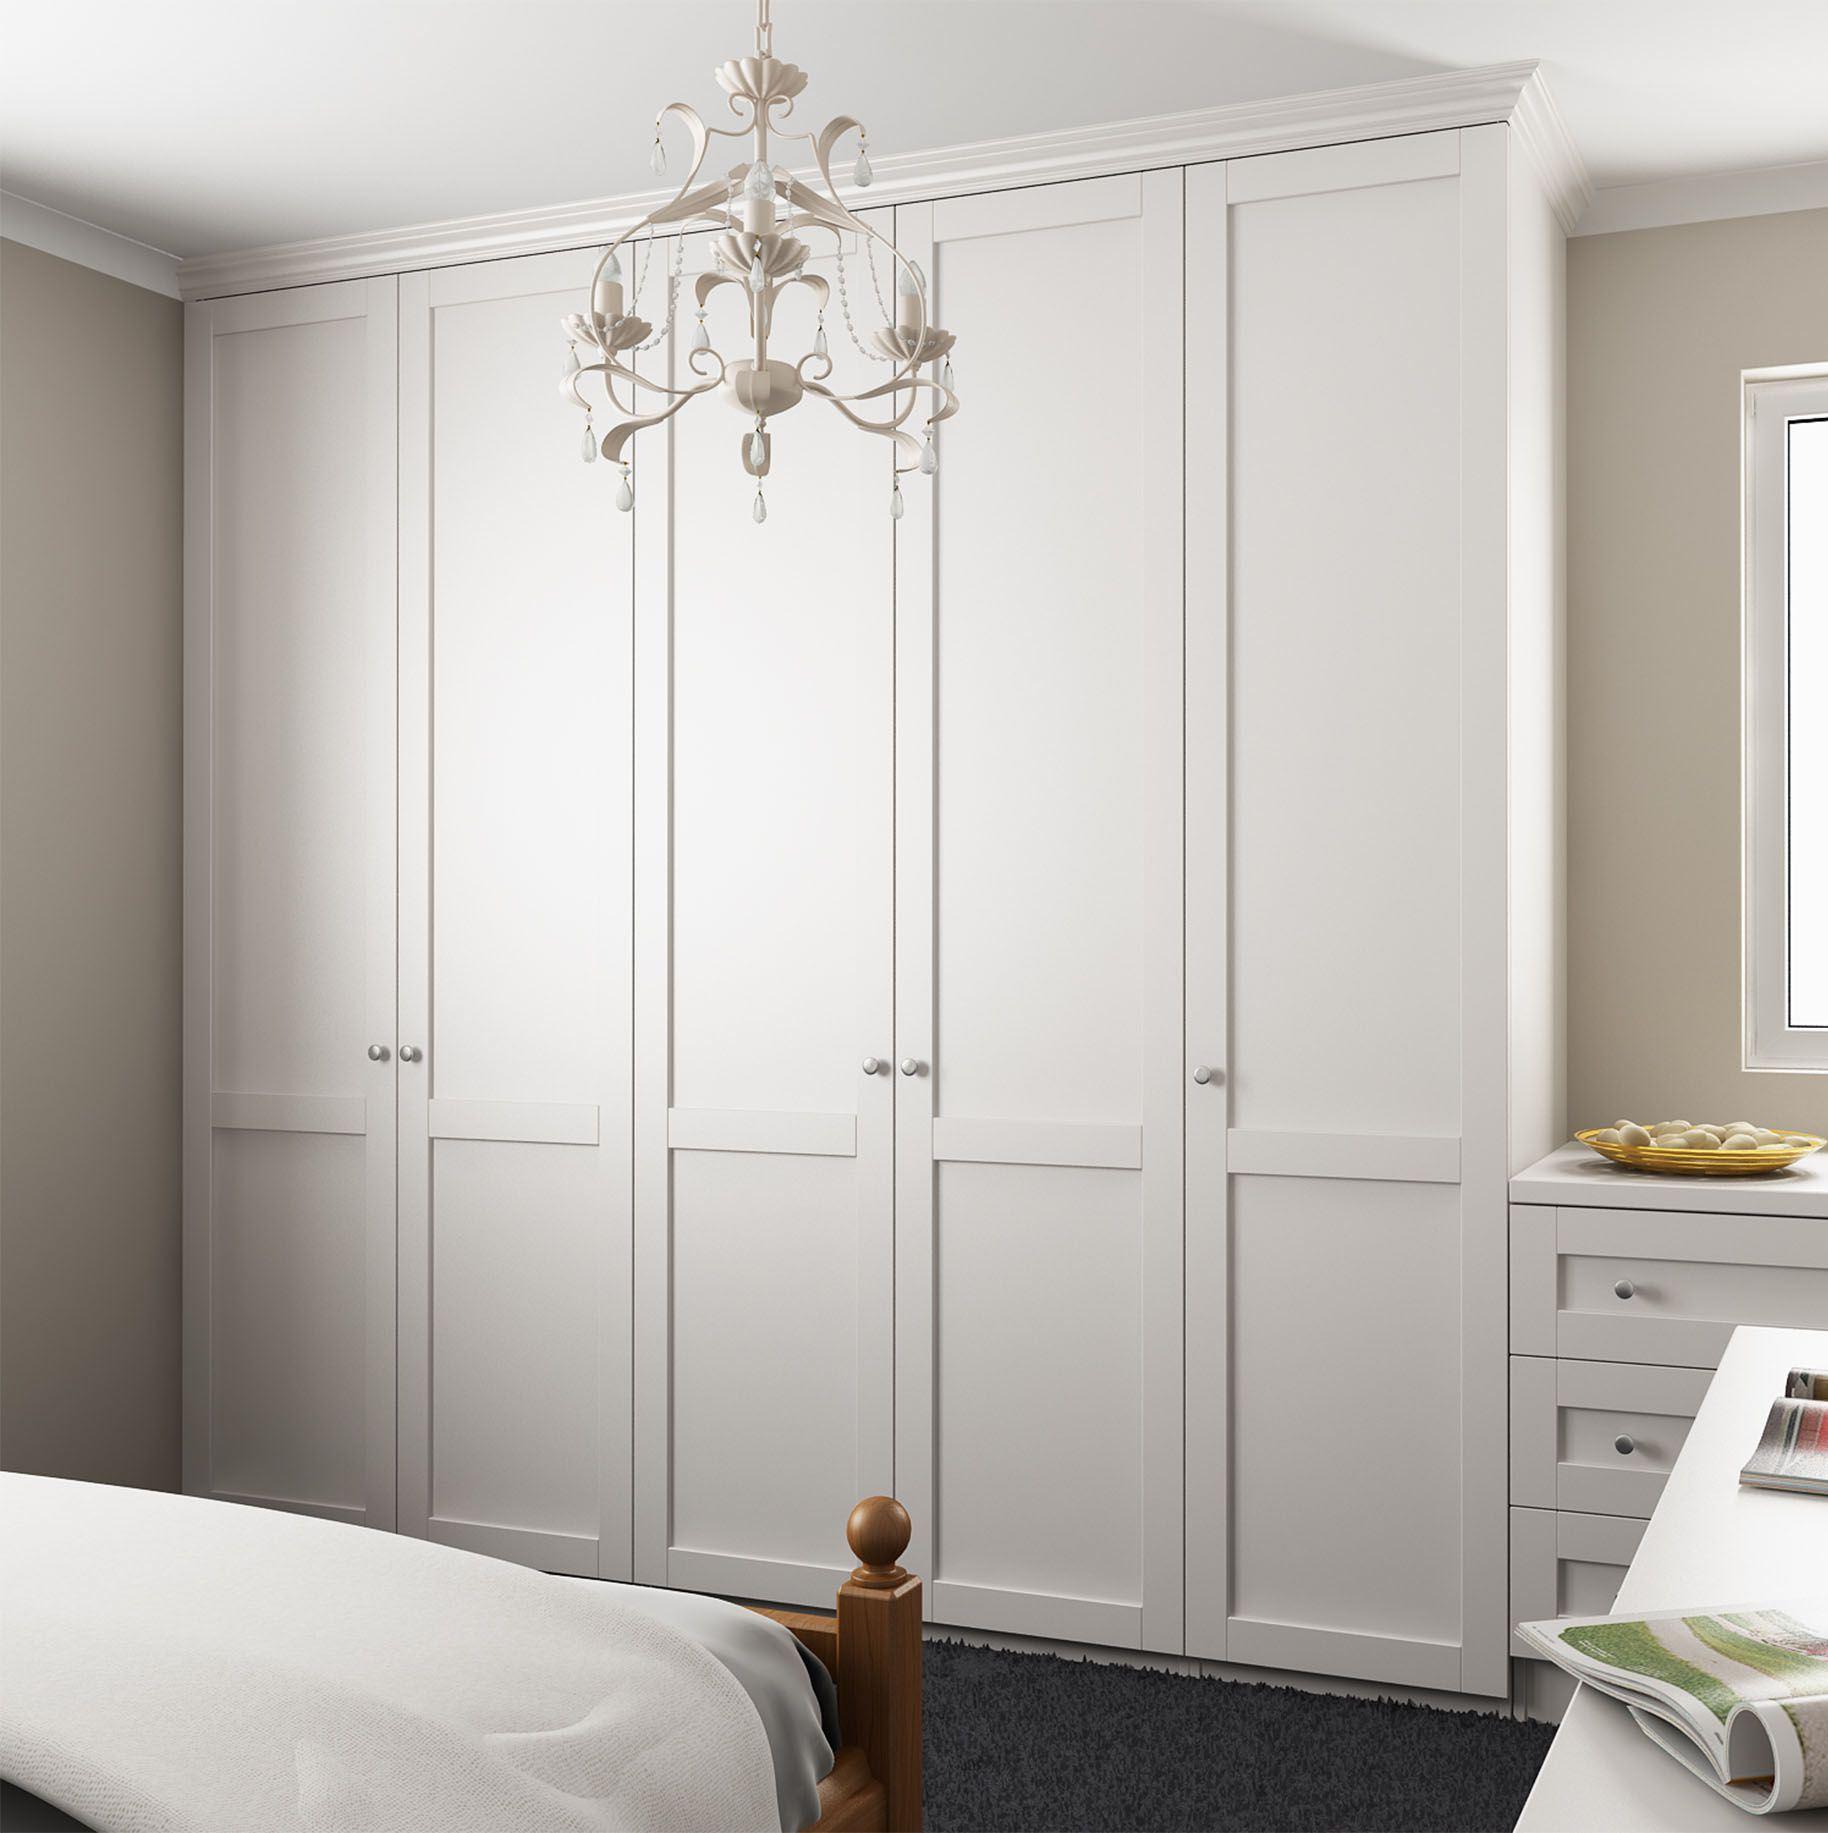 Распашной шкаф в спальню - идеи для дома.